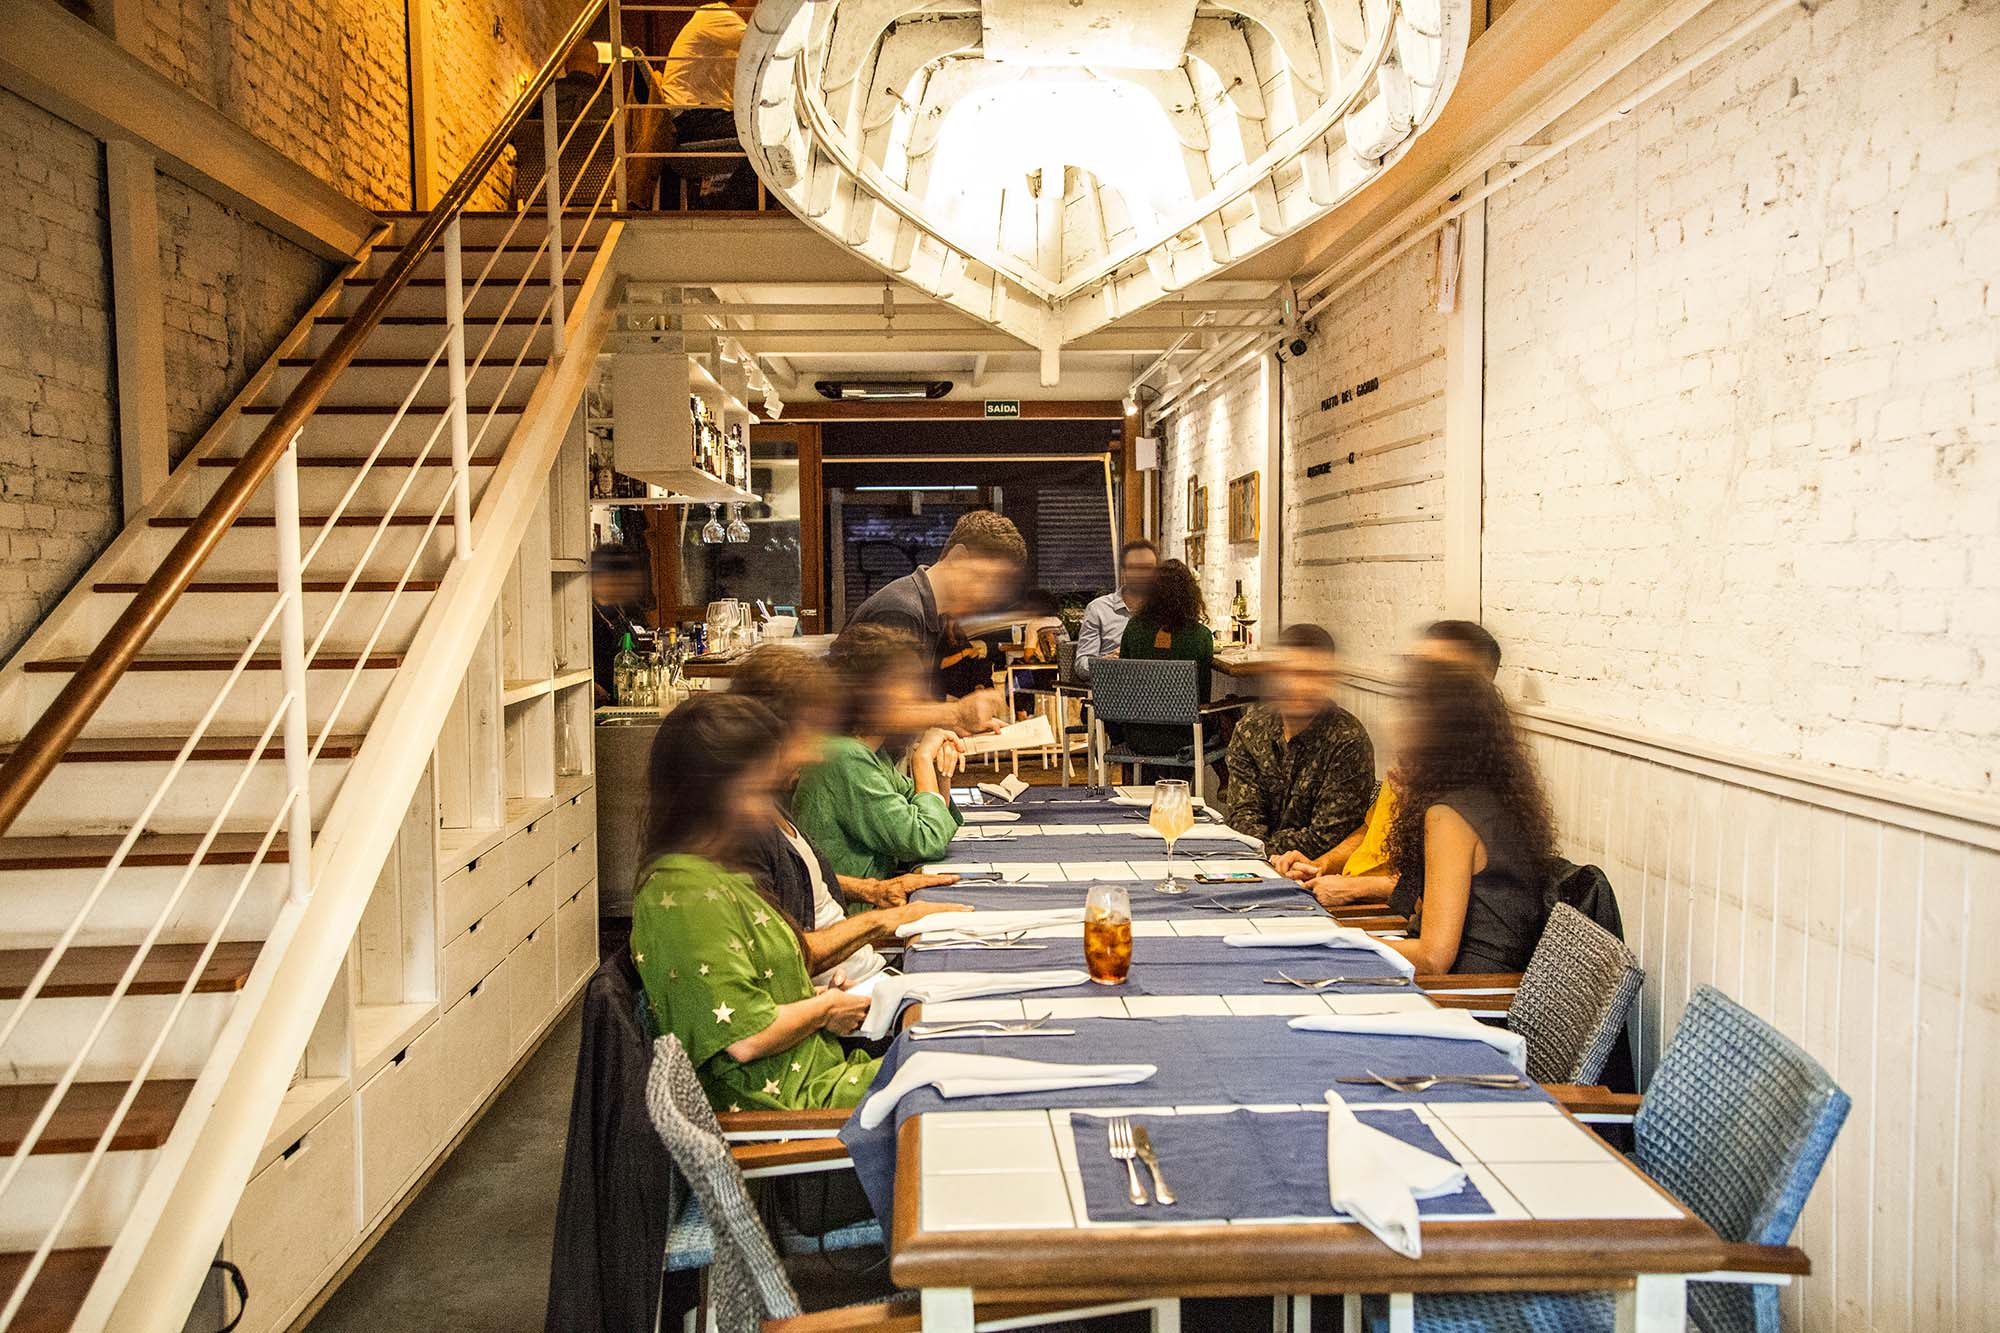 Parte térrea do salão do restaurante Lido Amici di Amici com pessoas sentadas em uma mesa coletiva